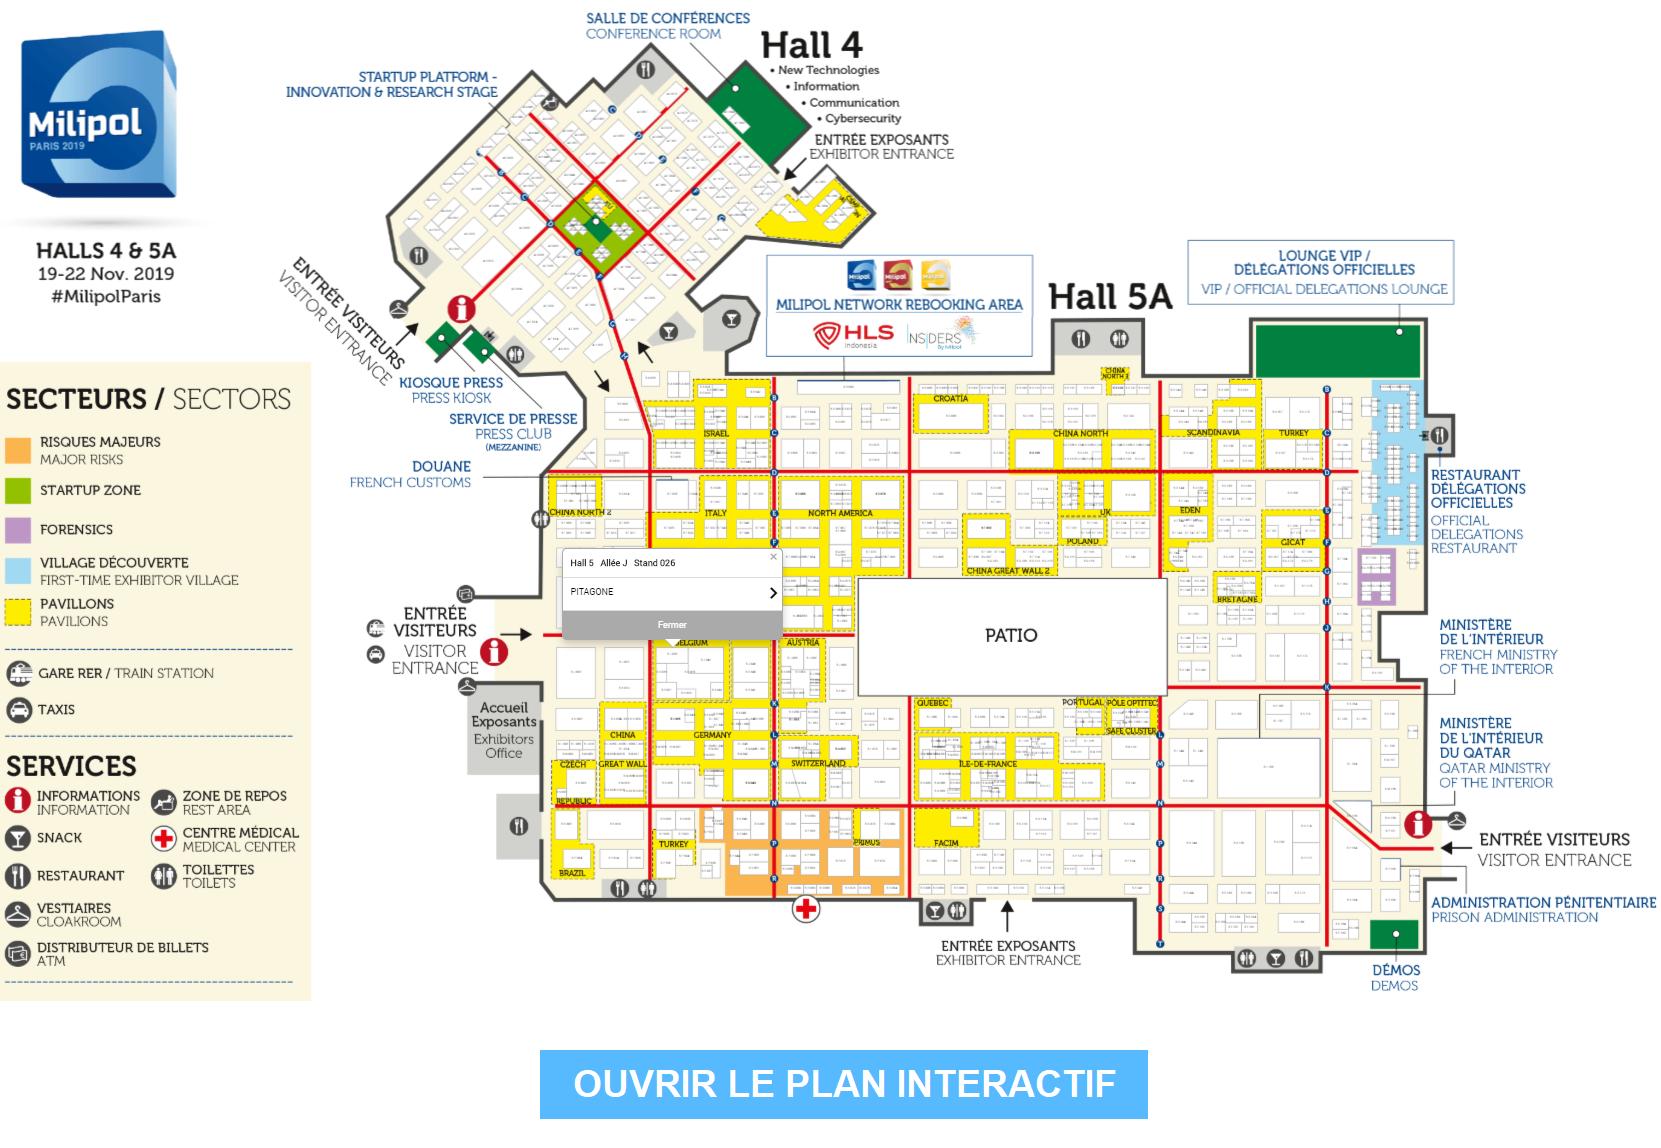 Plan interactif 2019